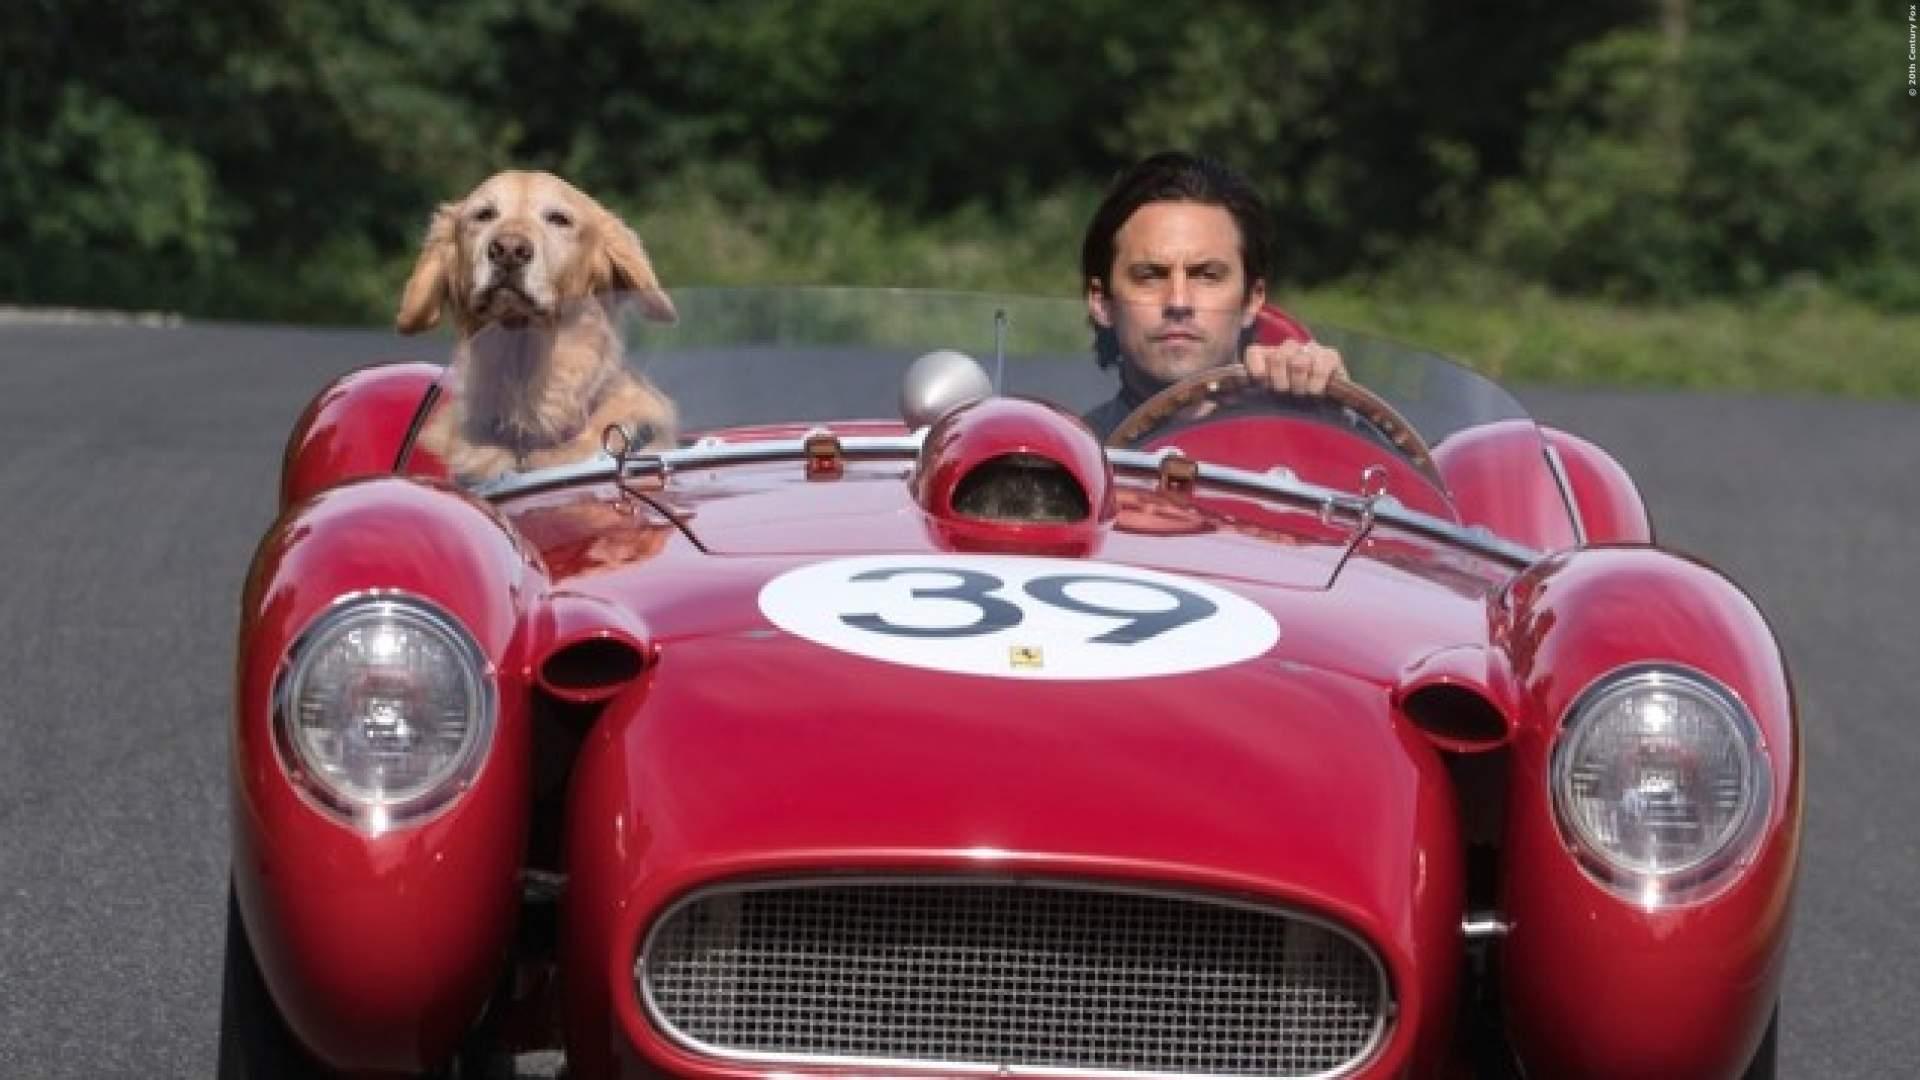 EXKLUSIV: Video-Special zum Kinofilm mit Kevin Costner als Hund